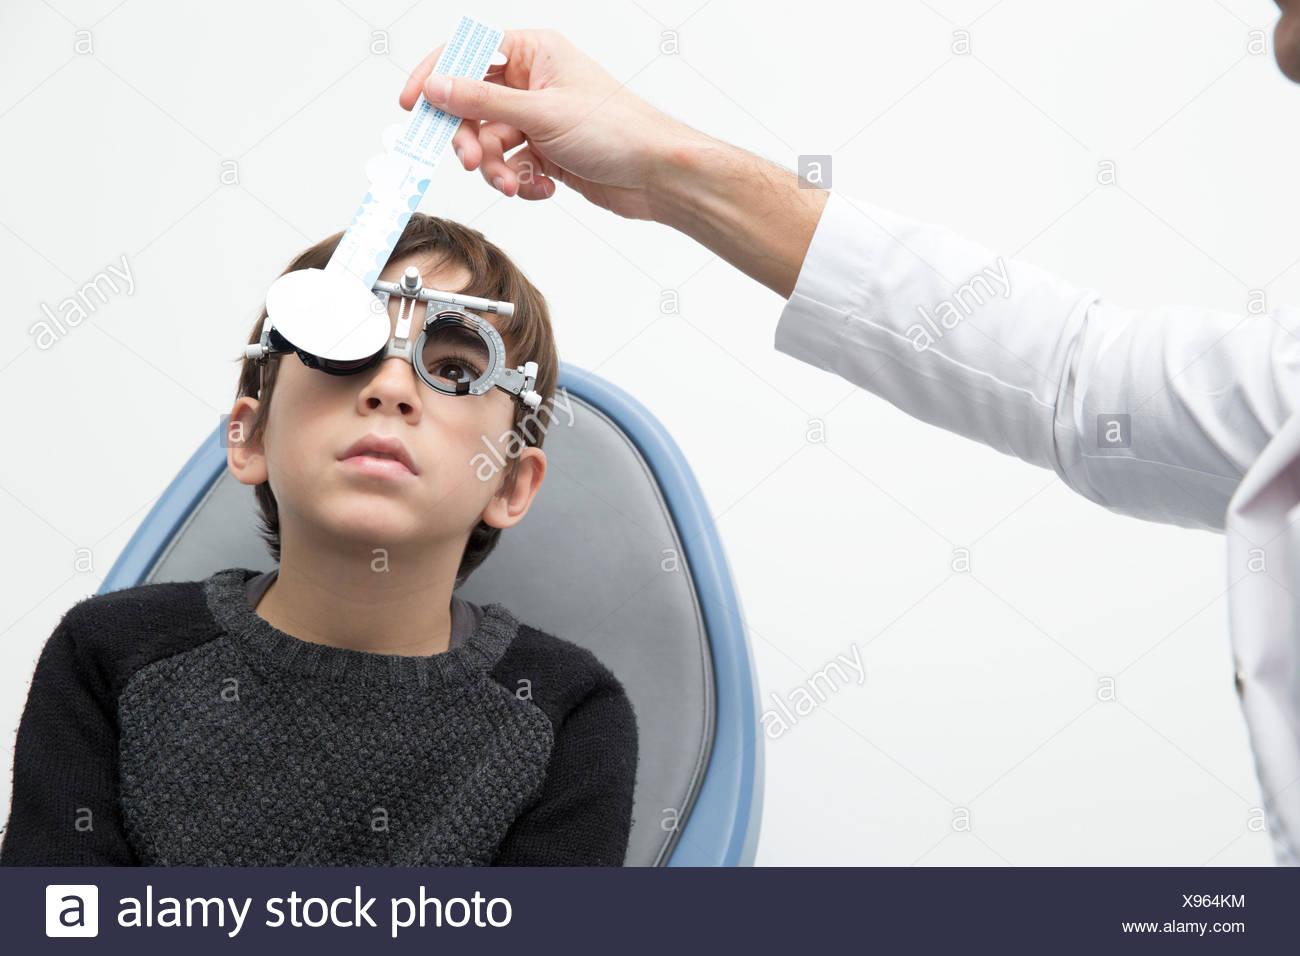 Optometrist examining eyesight of boy - Stock Image